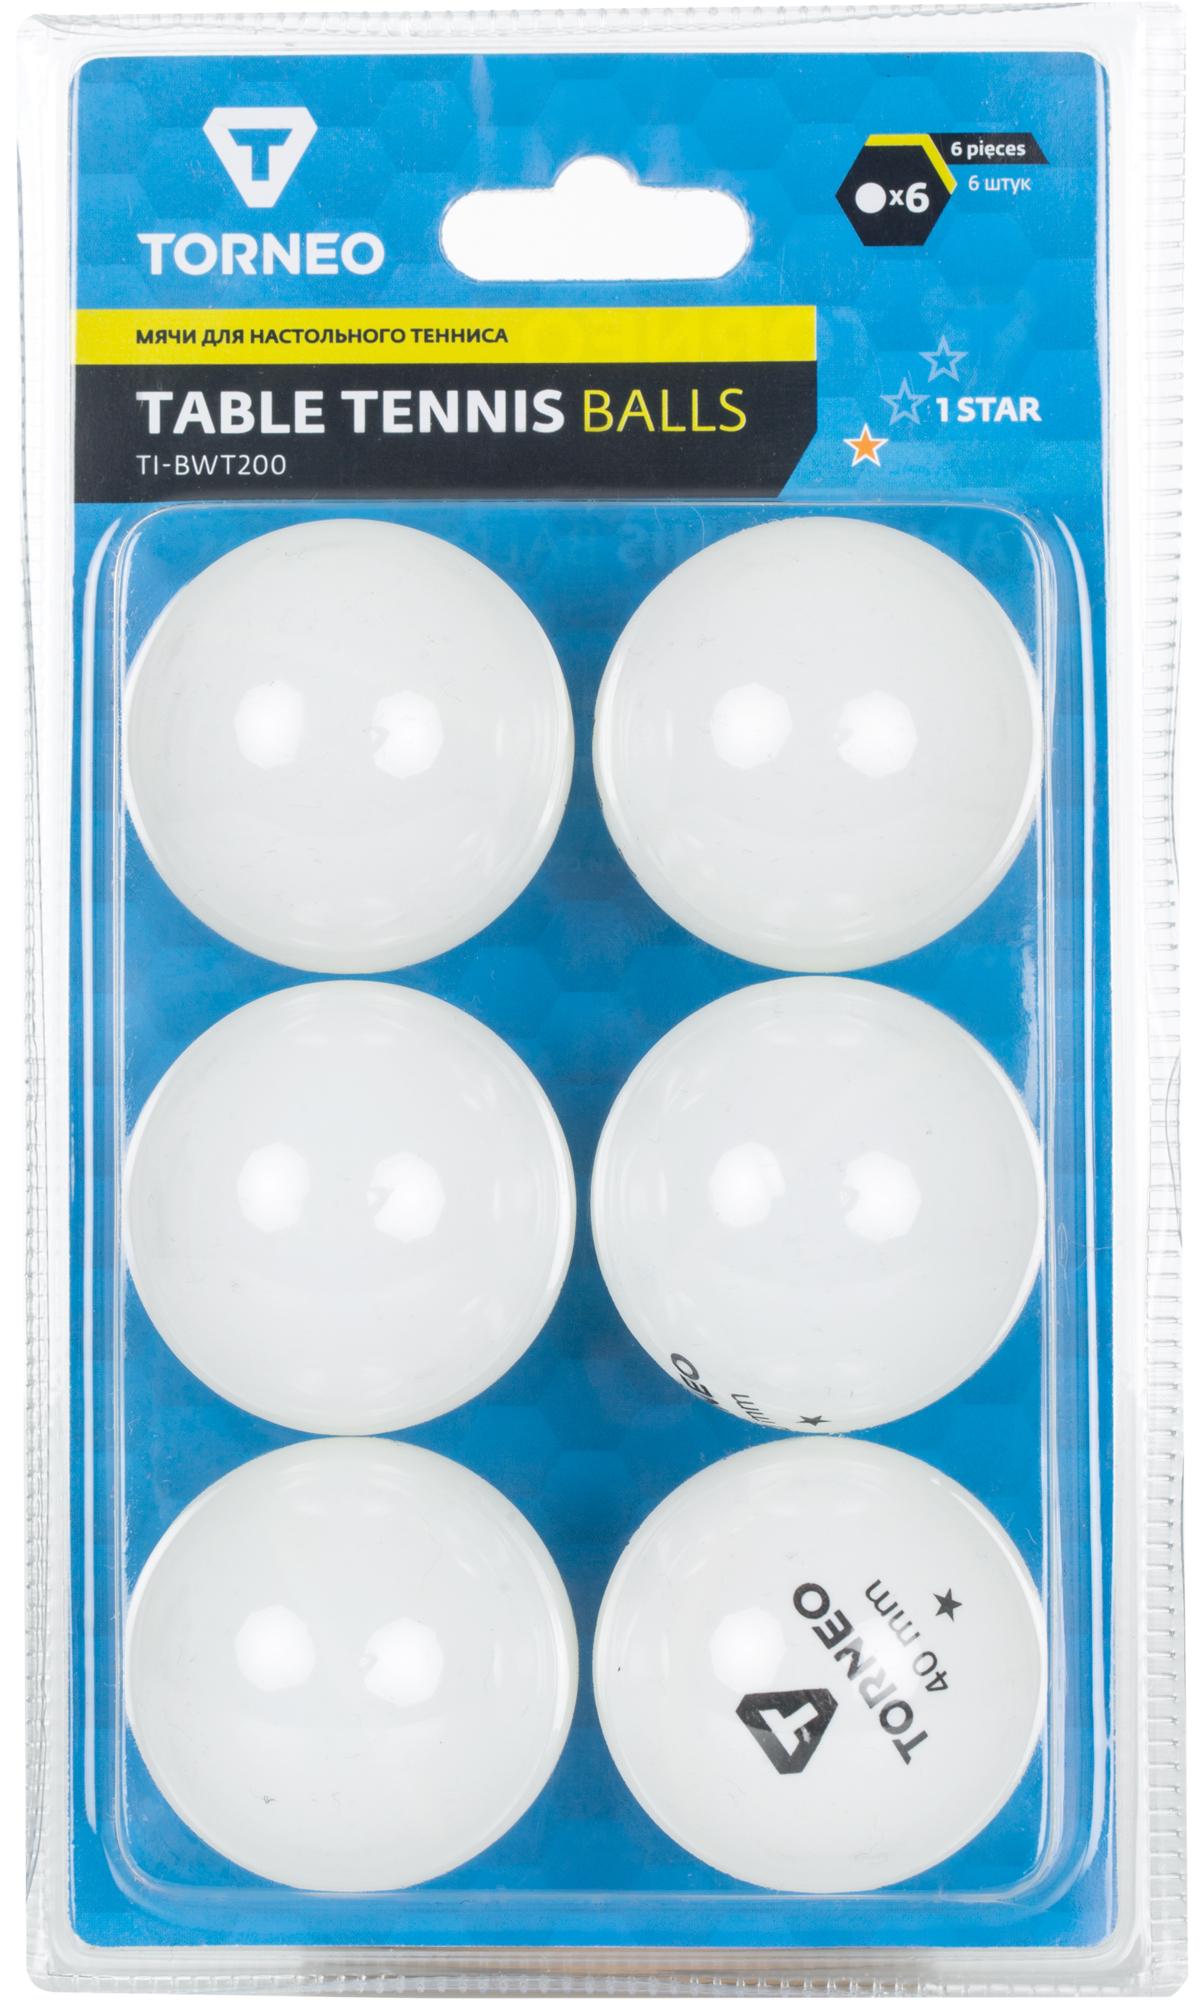 Torneo Мячи для настольного тенниса Torneo, 6 шт. стоимость